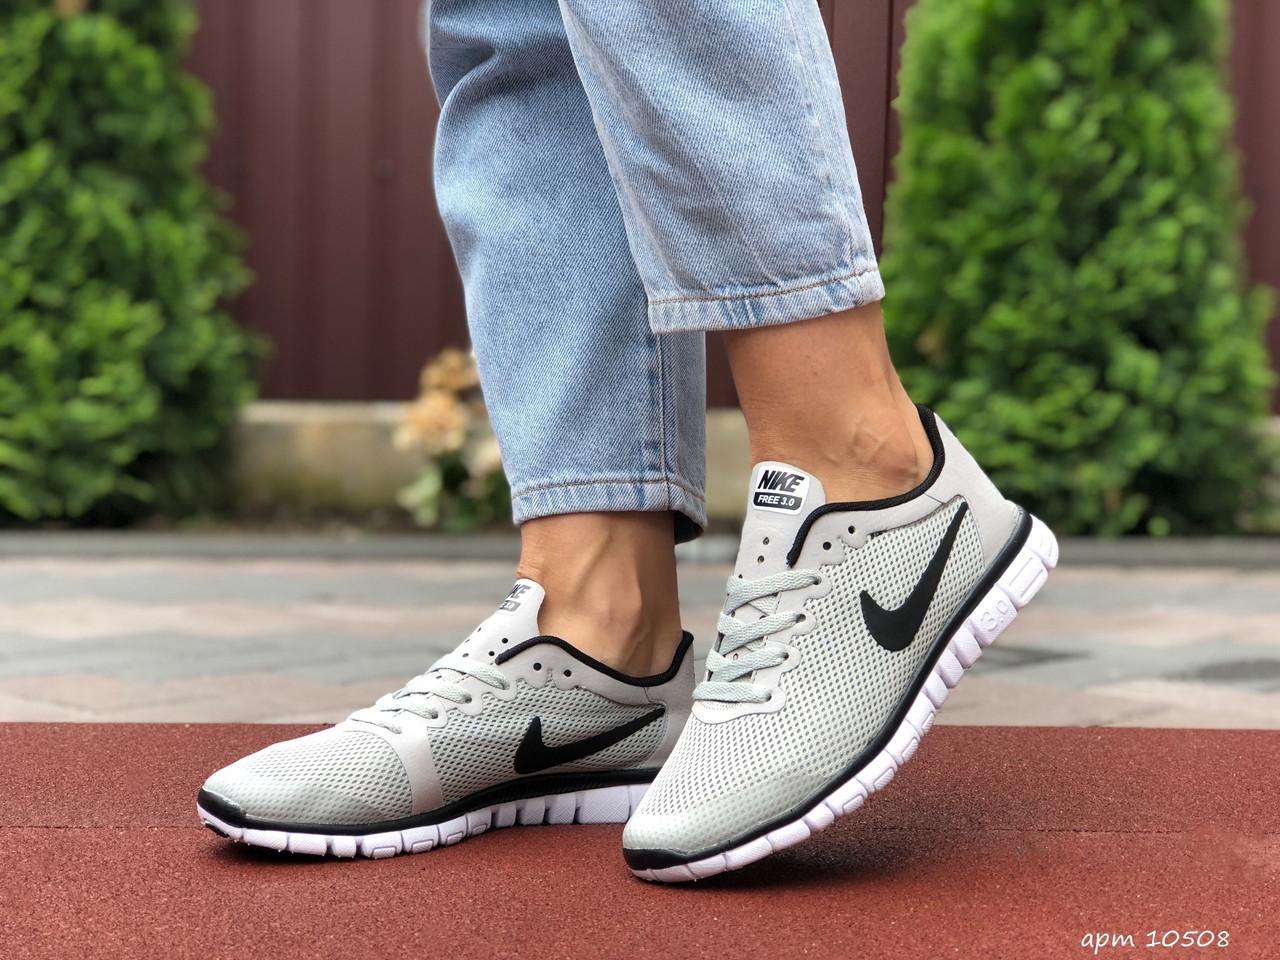 Женские кроссовки Nike Free Run 3.0 (светло-серые) B10508 стильные качественные кроссы